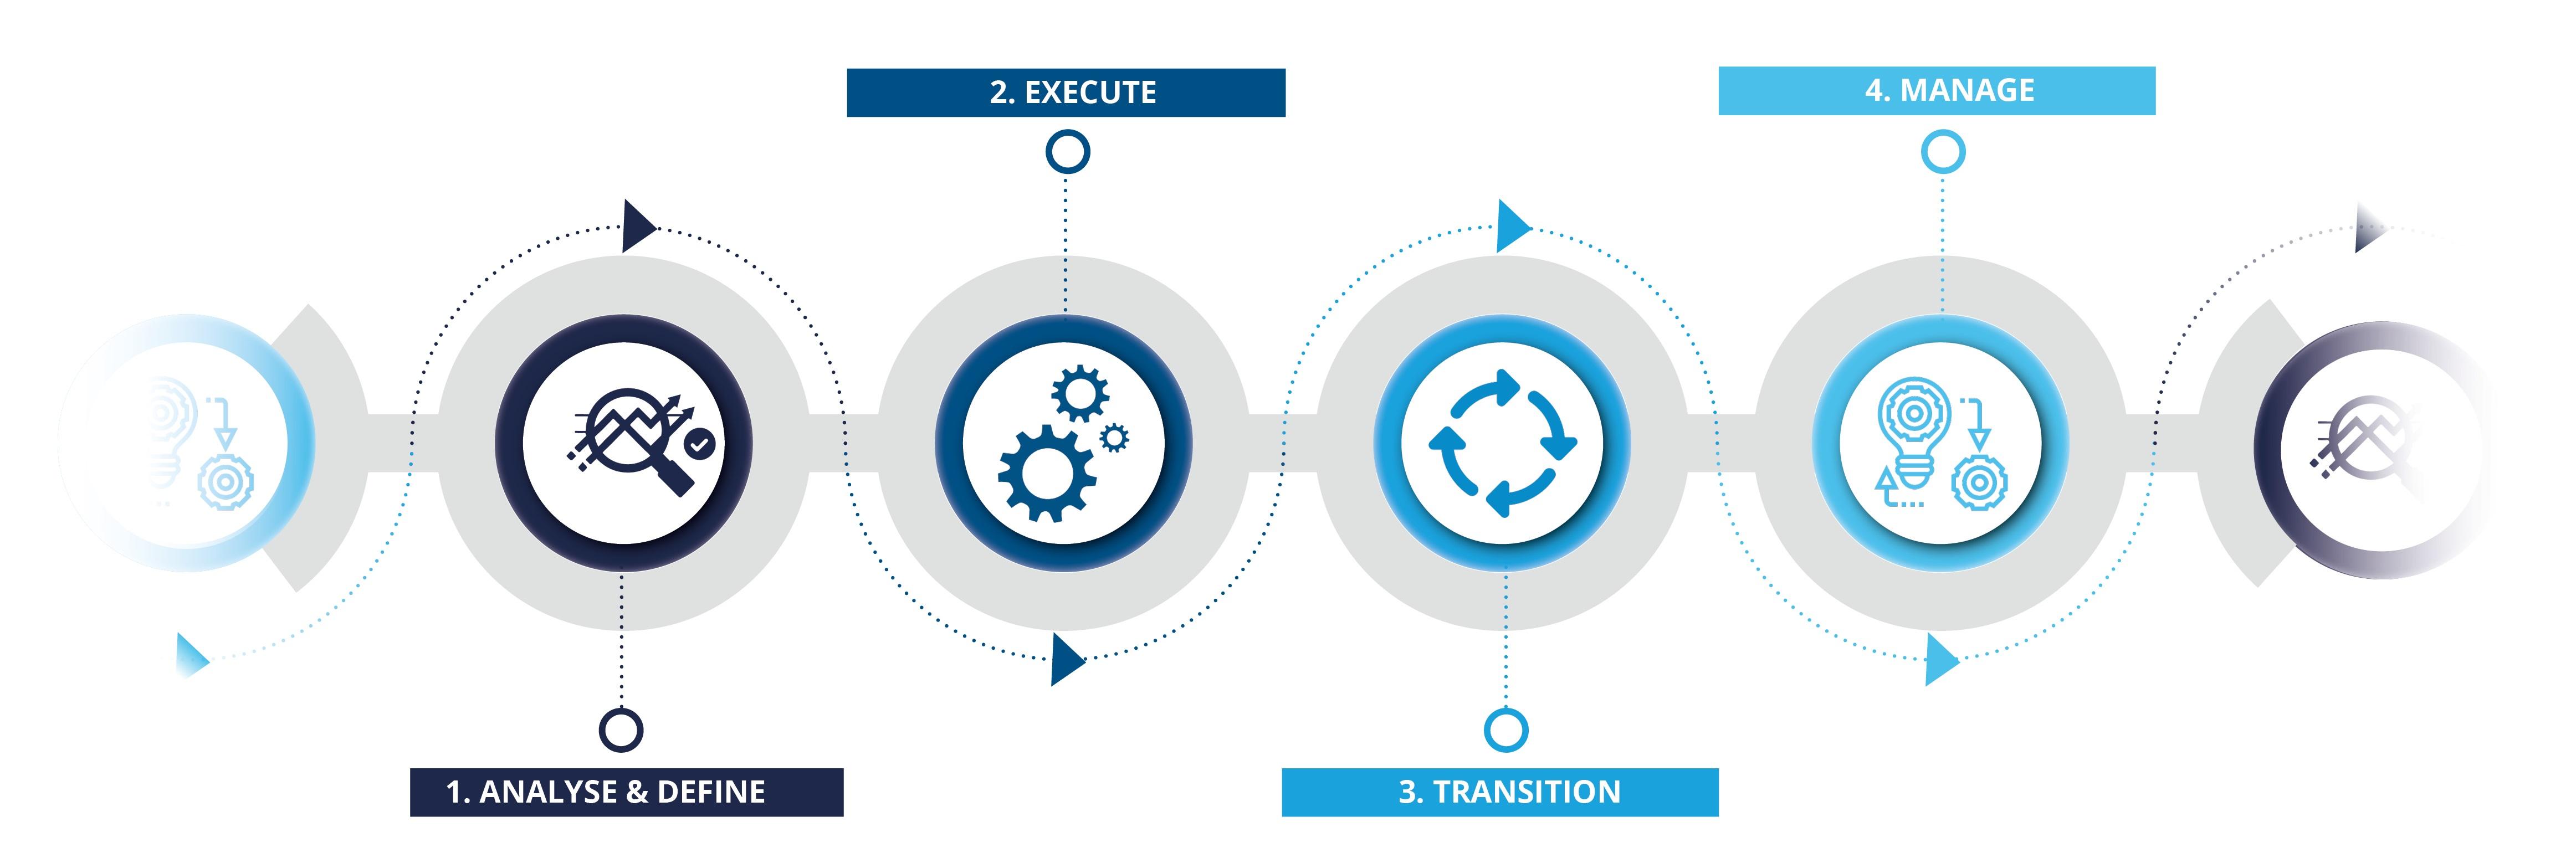 eXceeding consultancy cycle diagram